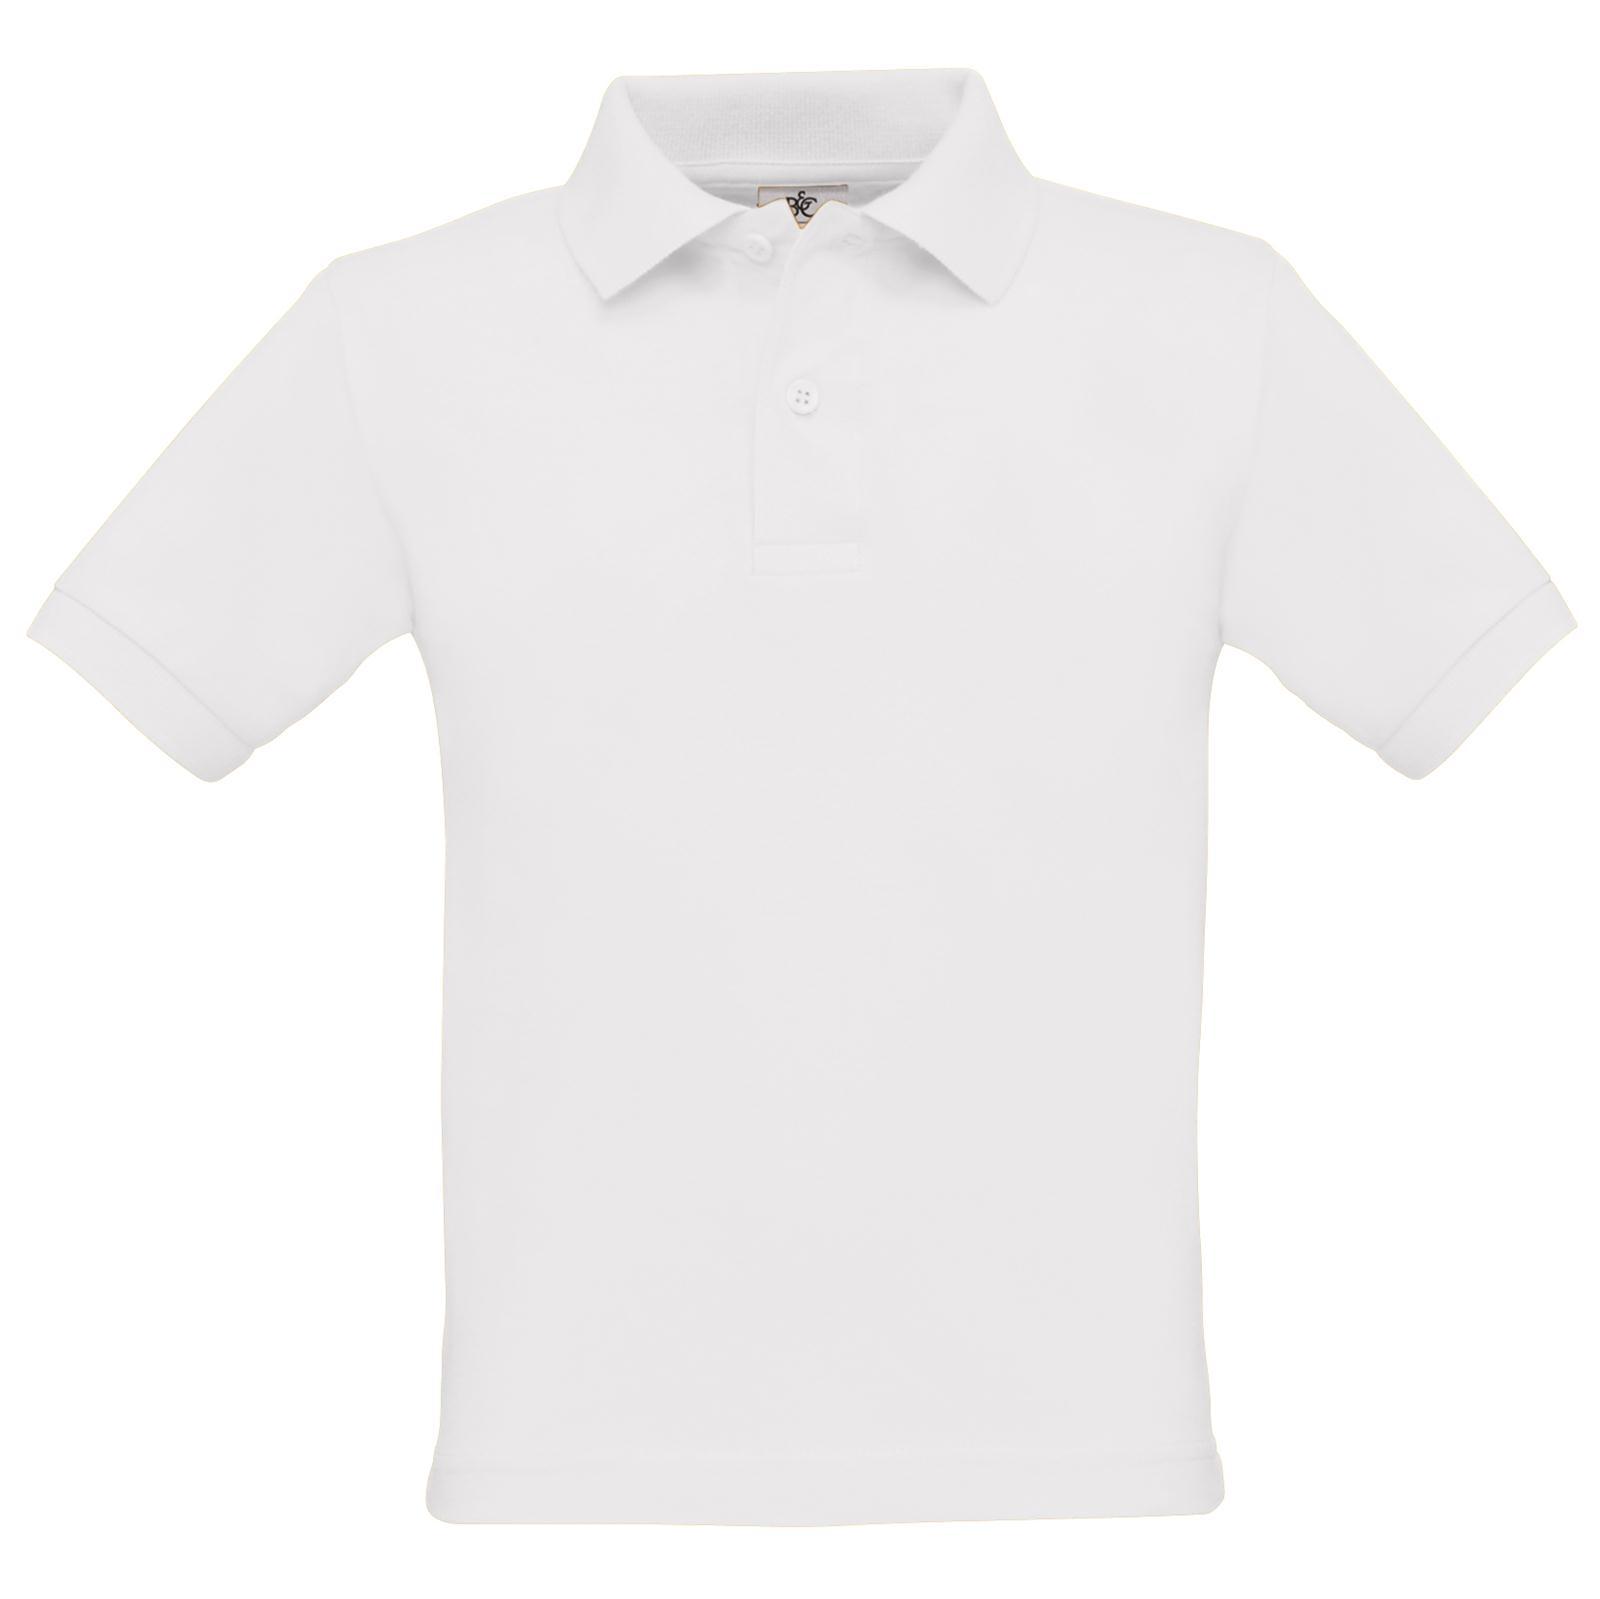 46574f89 White Childrens T Shirts - DREAMWORKS